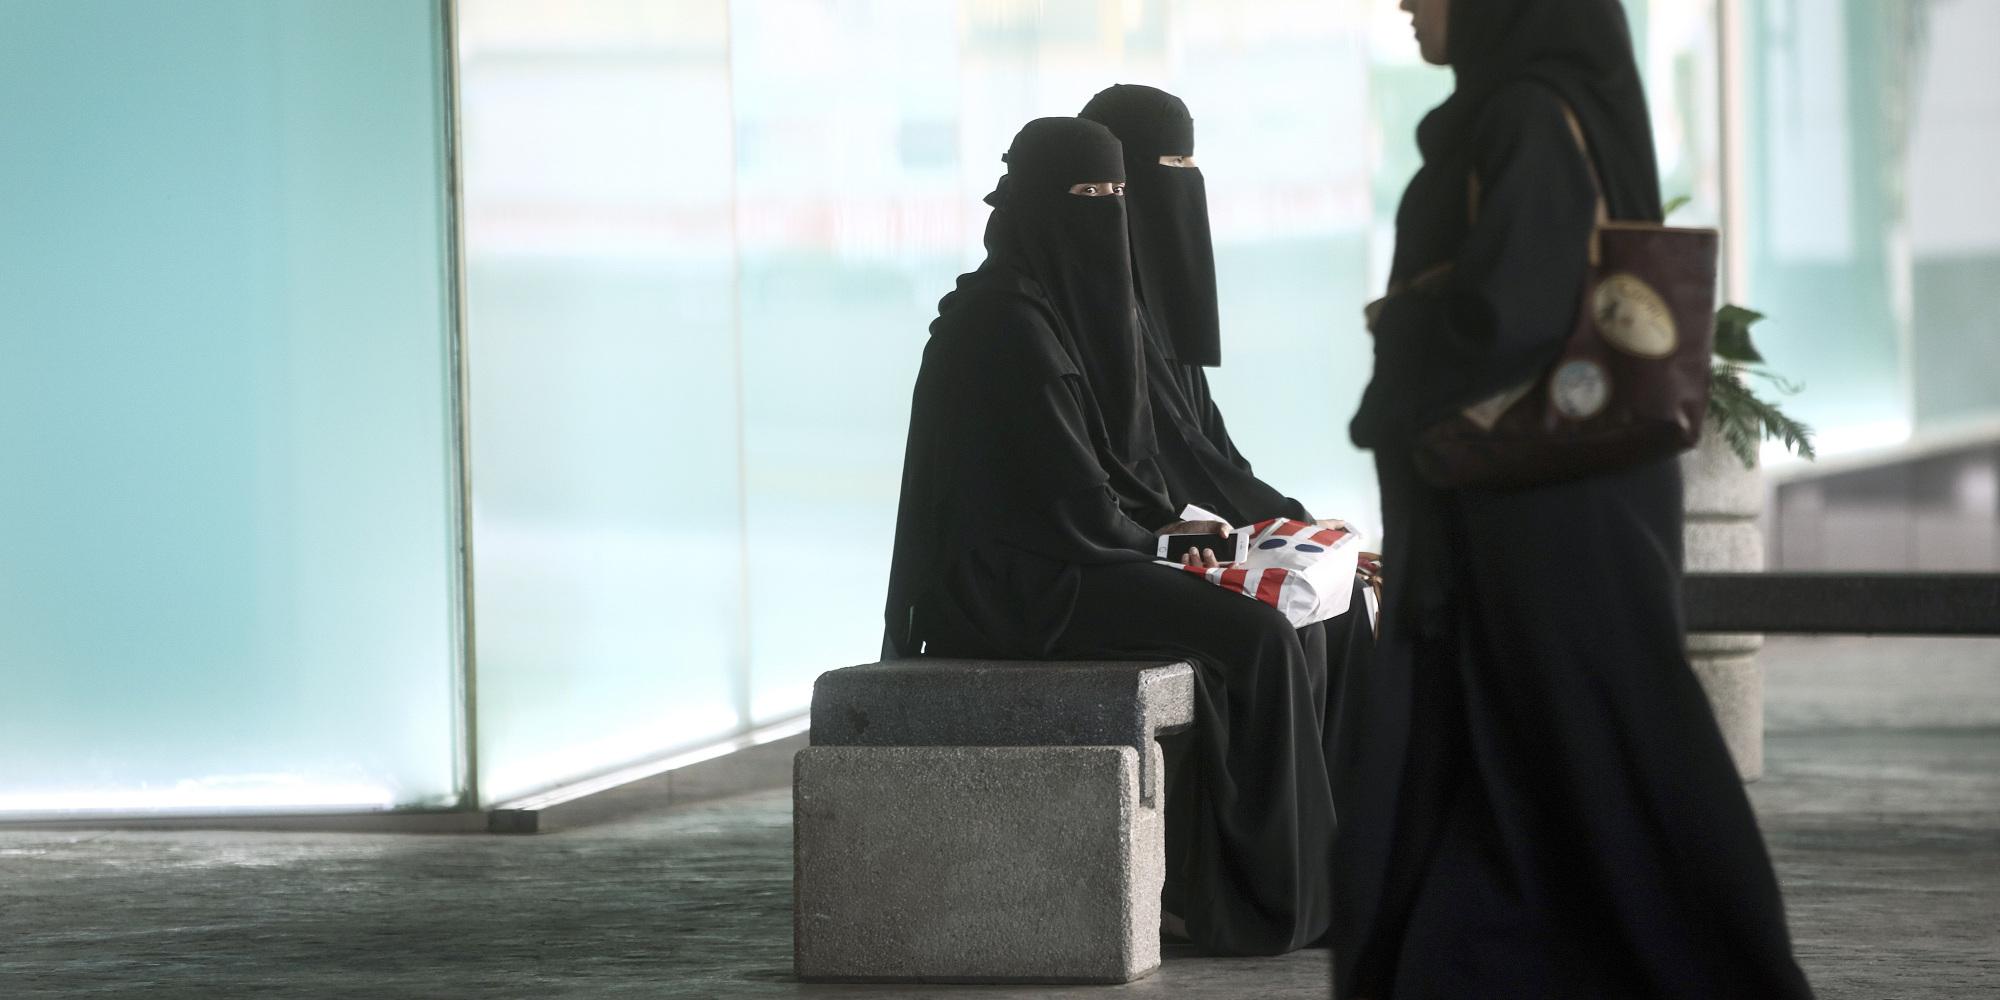 مكياج العزاء فن له أسس .. تعرَّف على سر تأنُّق الفتيات السعوديات في هذه المناسبة الحزينة